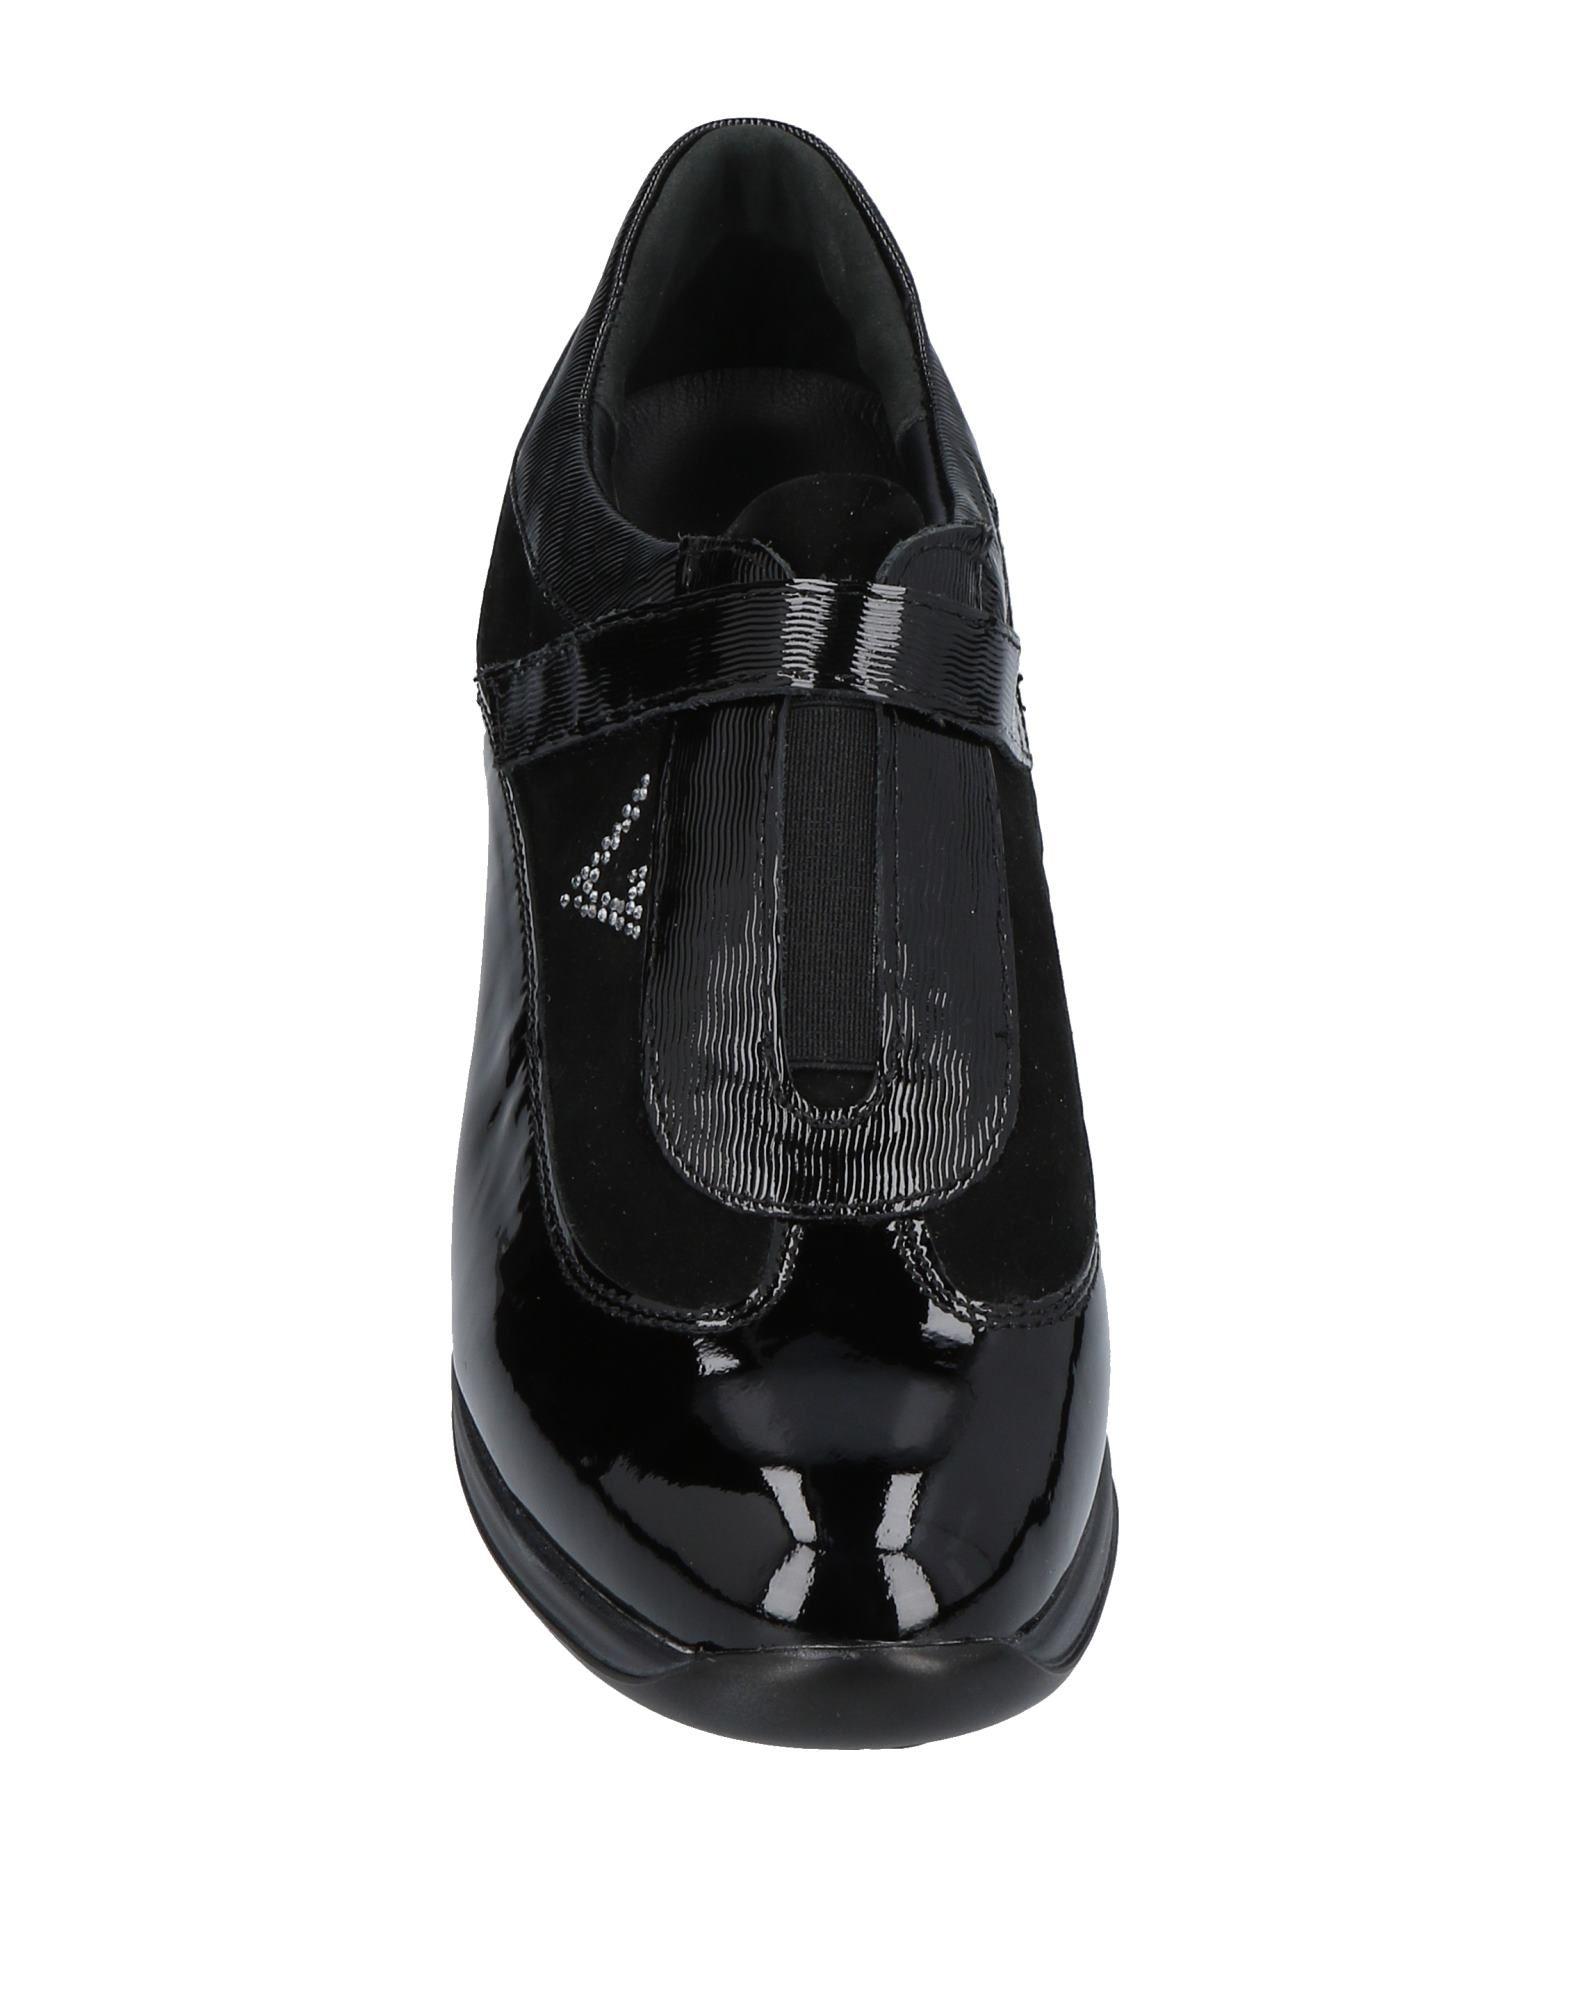 Valleverde Sneakers Damen  11467658RP Gute Qualität beliebte Schuhe Schuhe Schuhe a67643